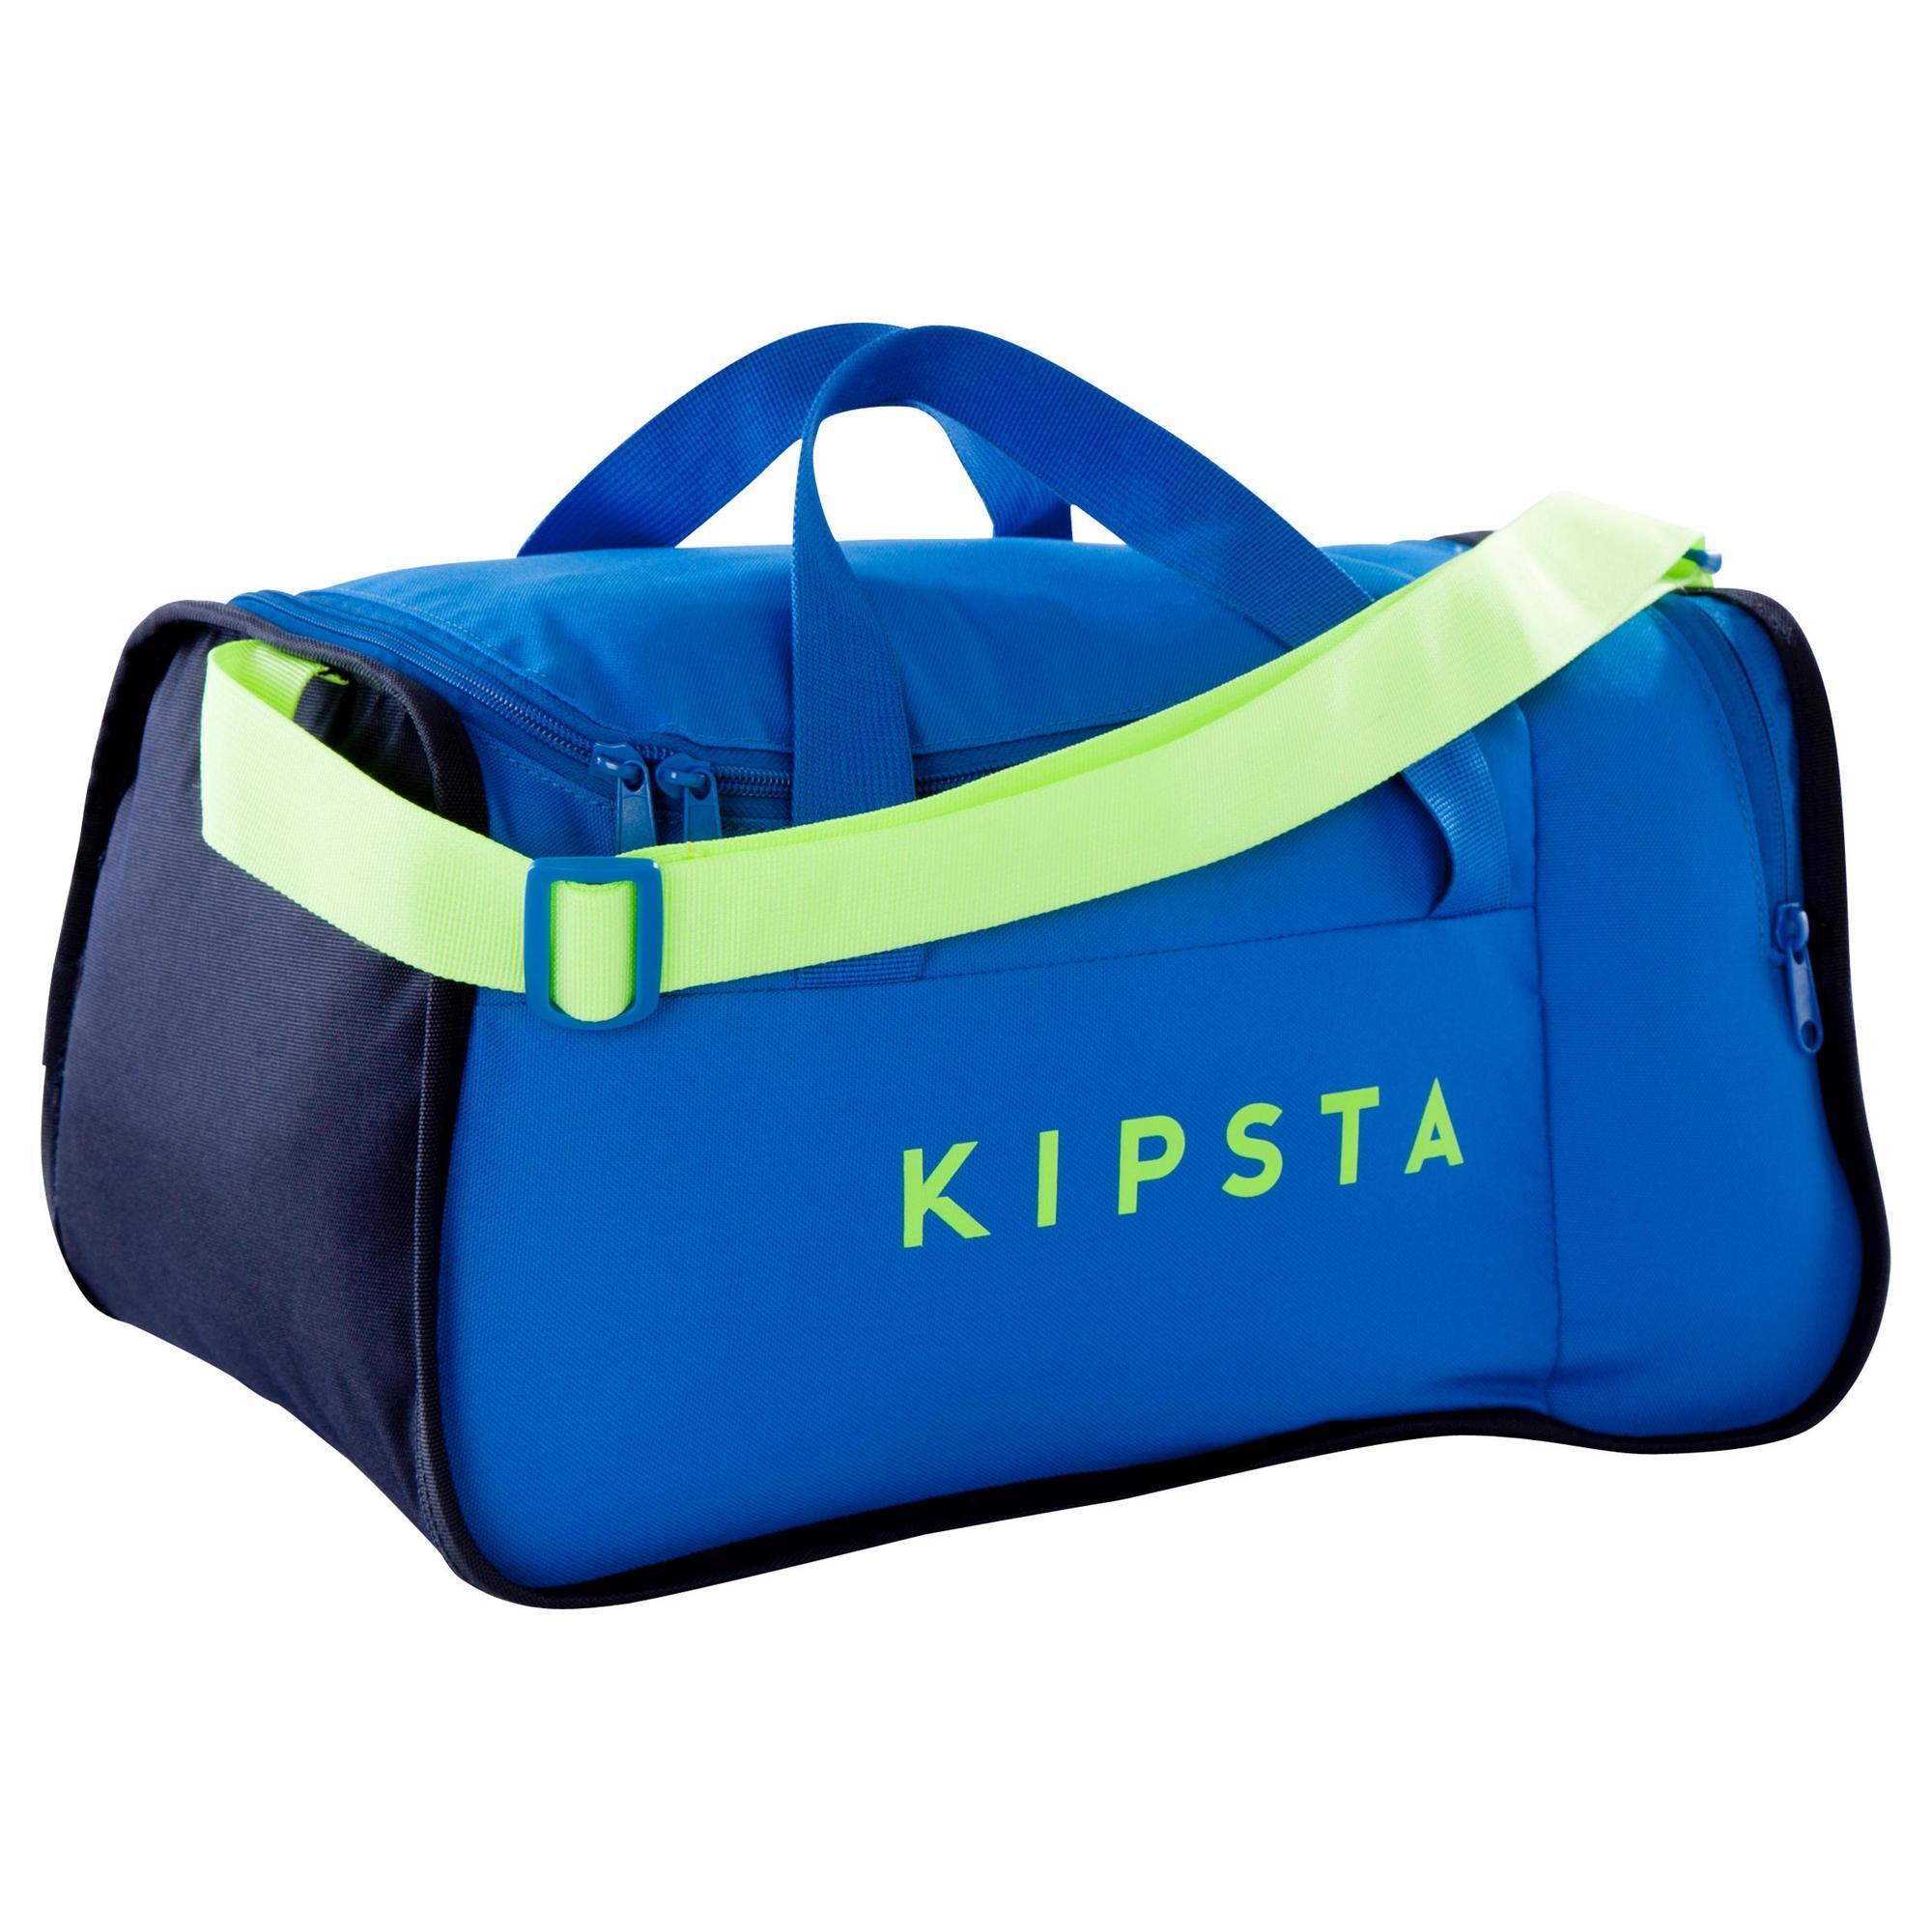 d9ca70c903c Kipsta Voetbaltas / Sporttas Kipocket 20 liter kopen met voordeel ...